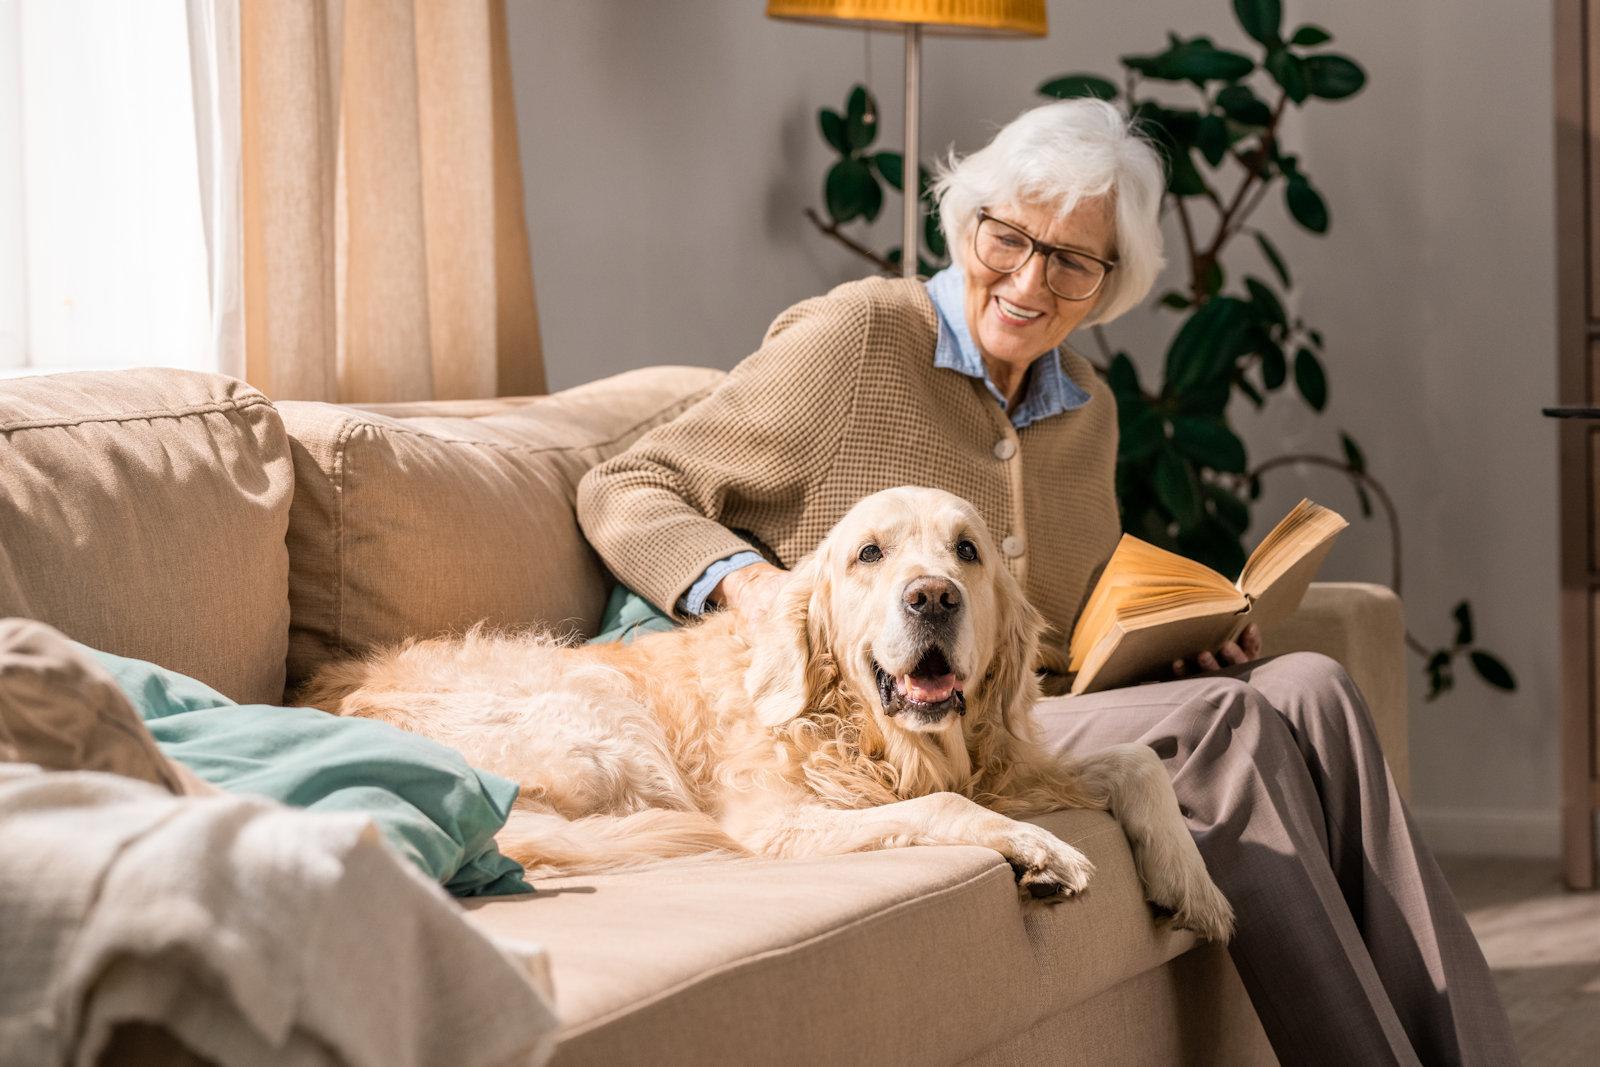 Η ζωή στο σπίτι για τους ηλικιωμένους εκτός γηροκομείου | Ηράκλειος οίκος ευγηρίας